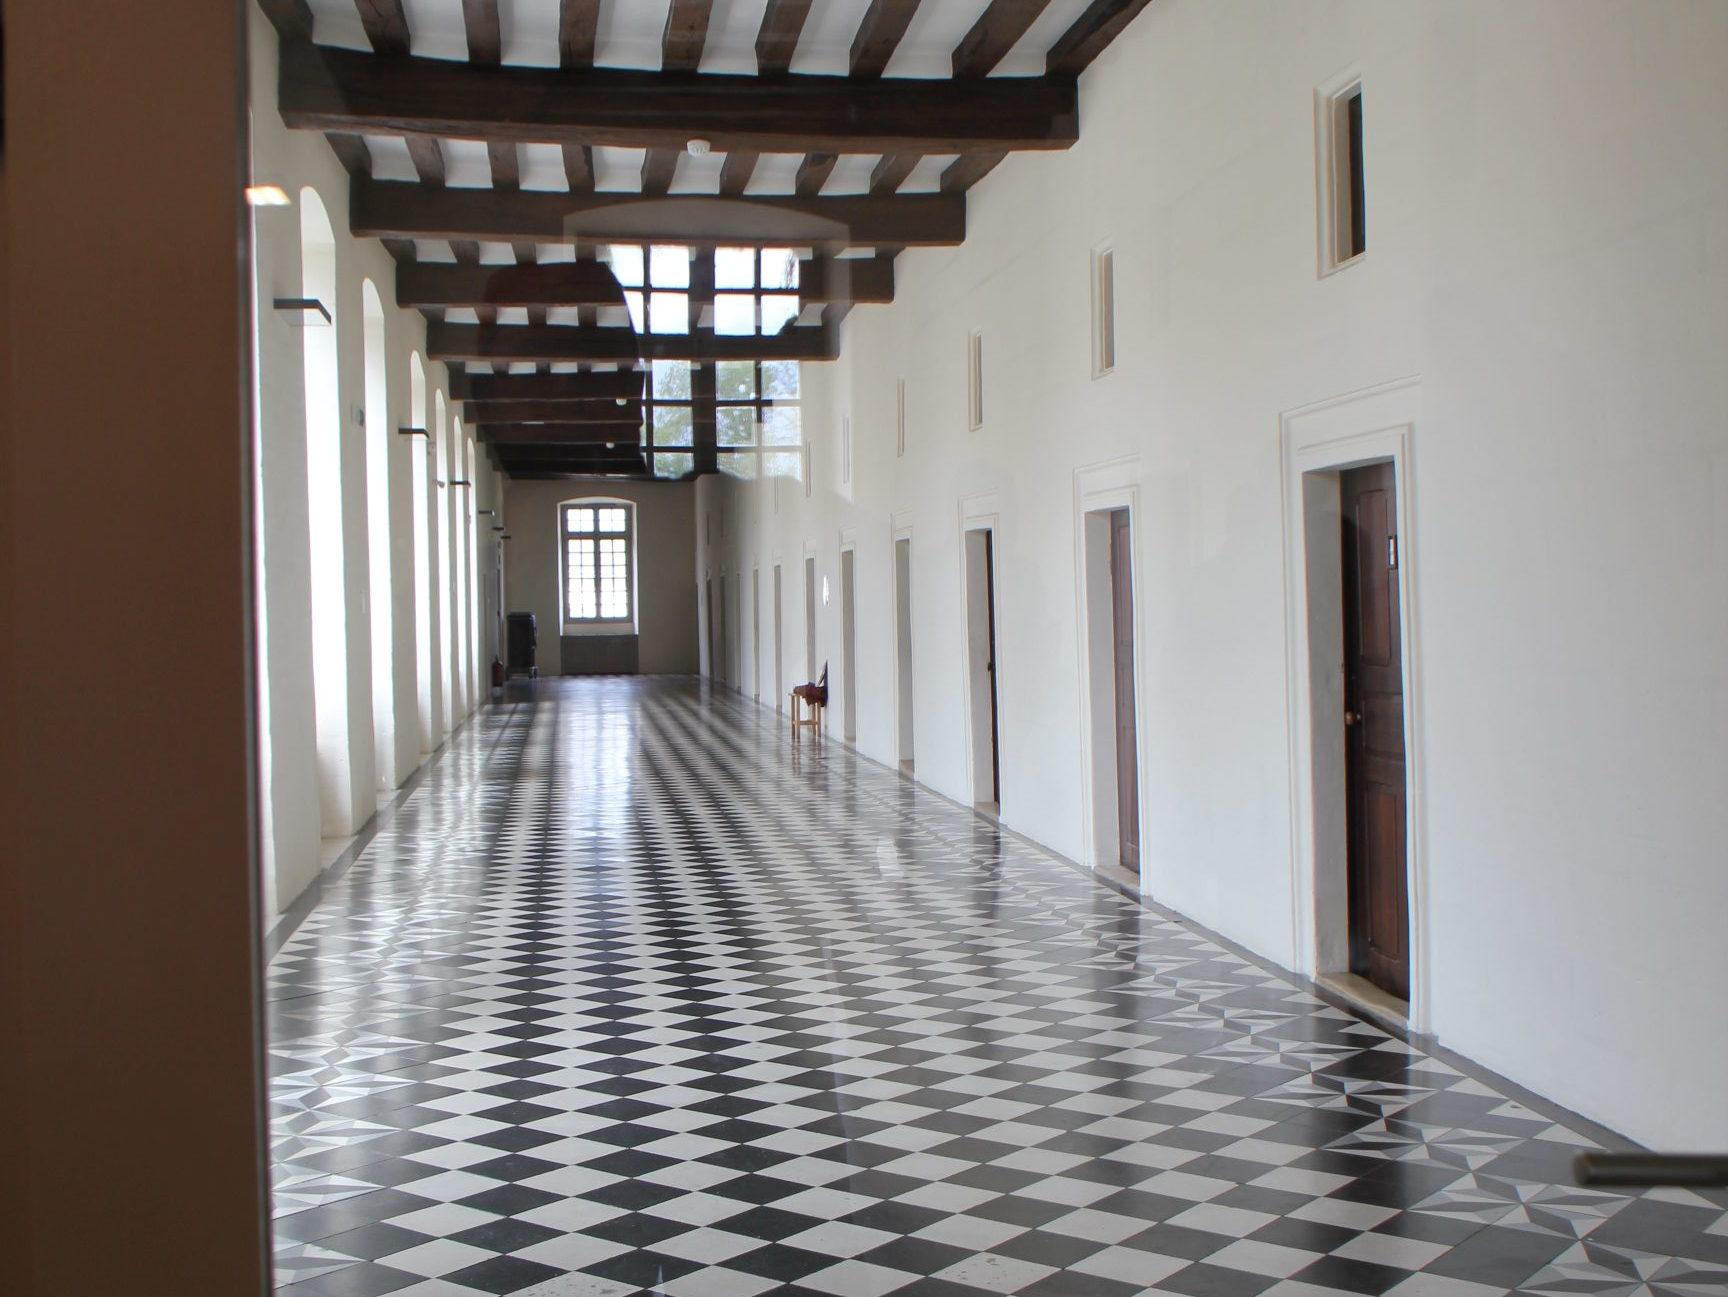 Cellules de moines transformées en chambres pour accueil de groupes